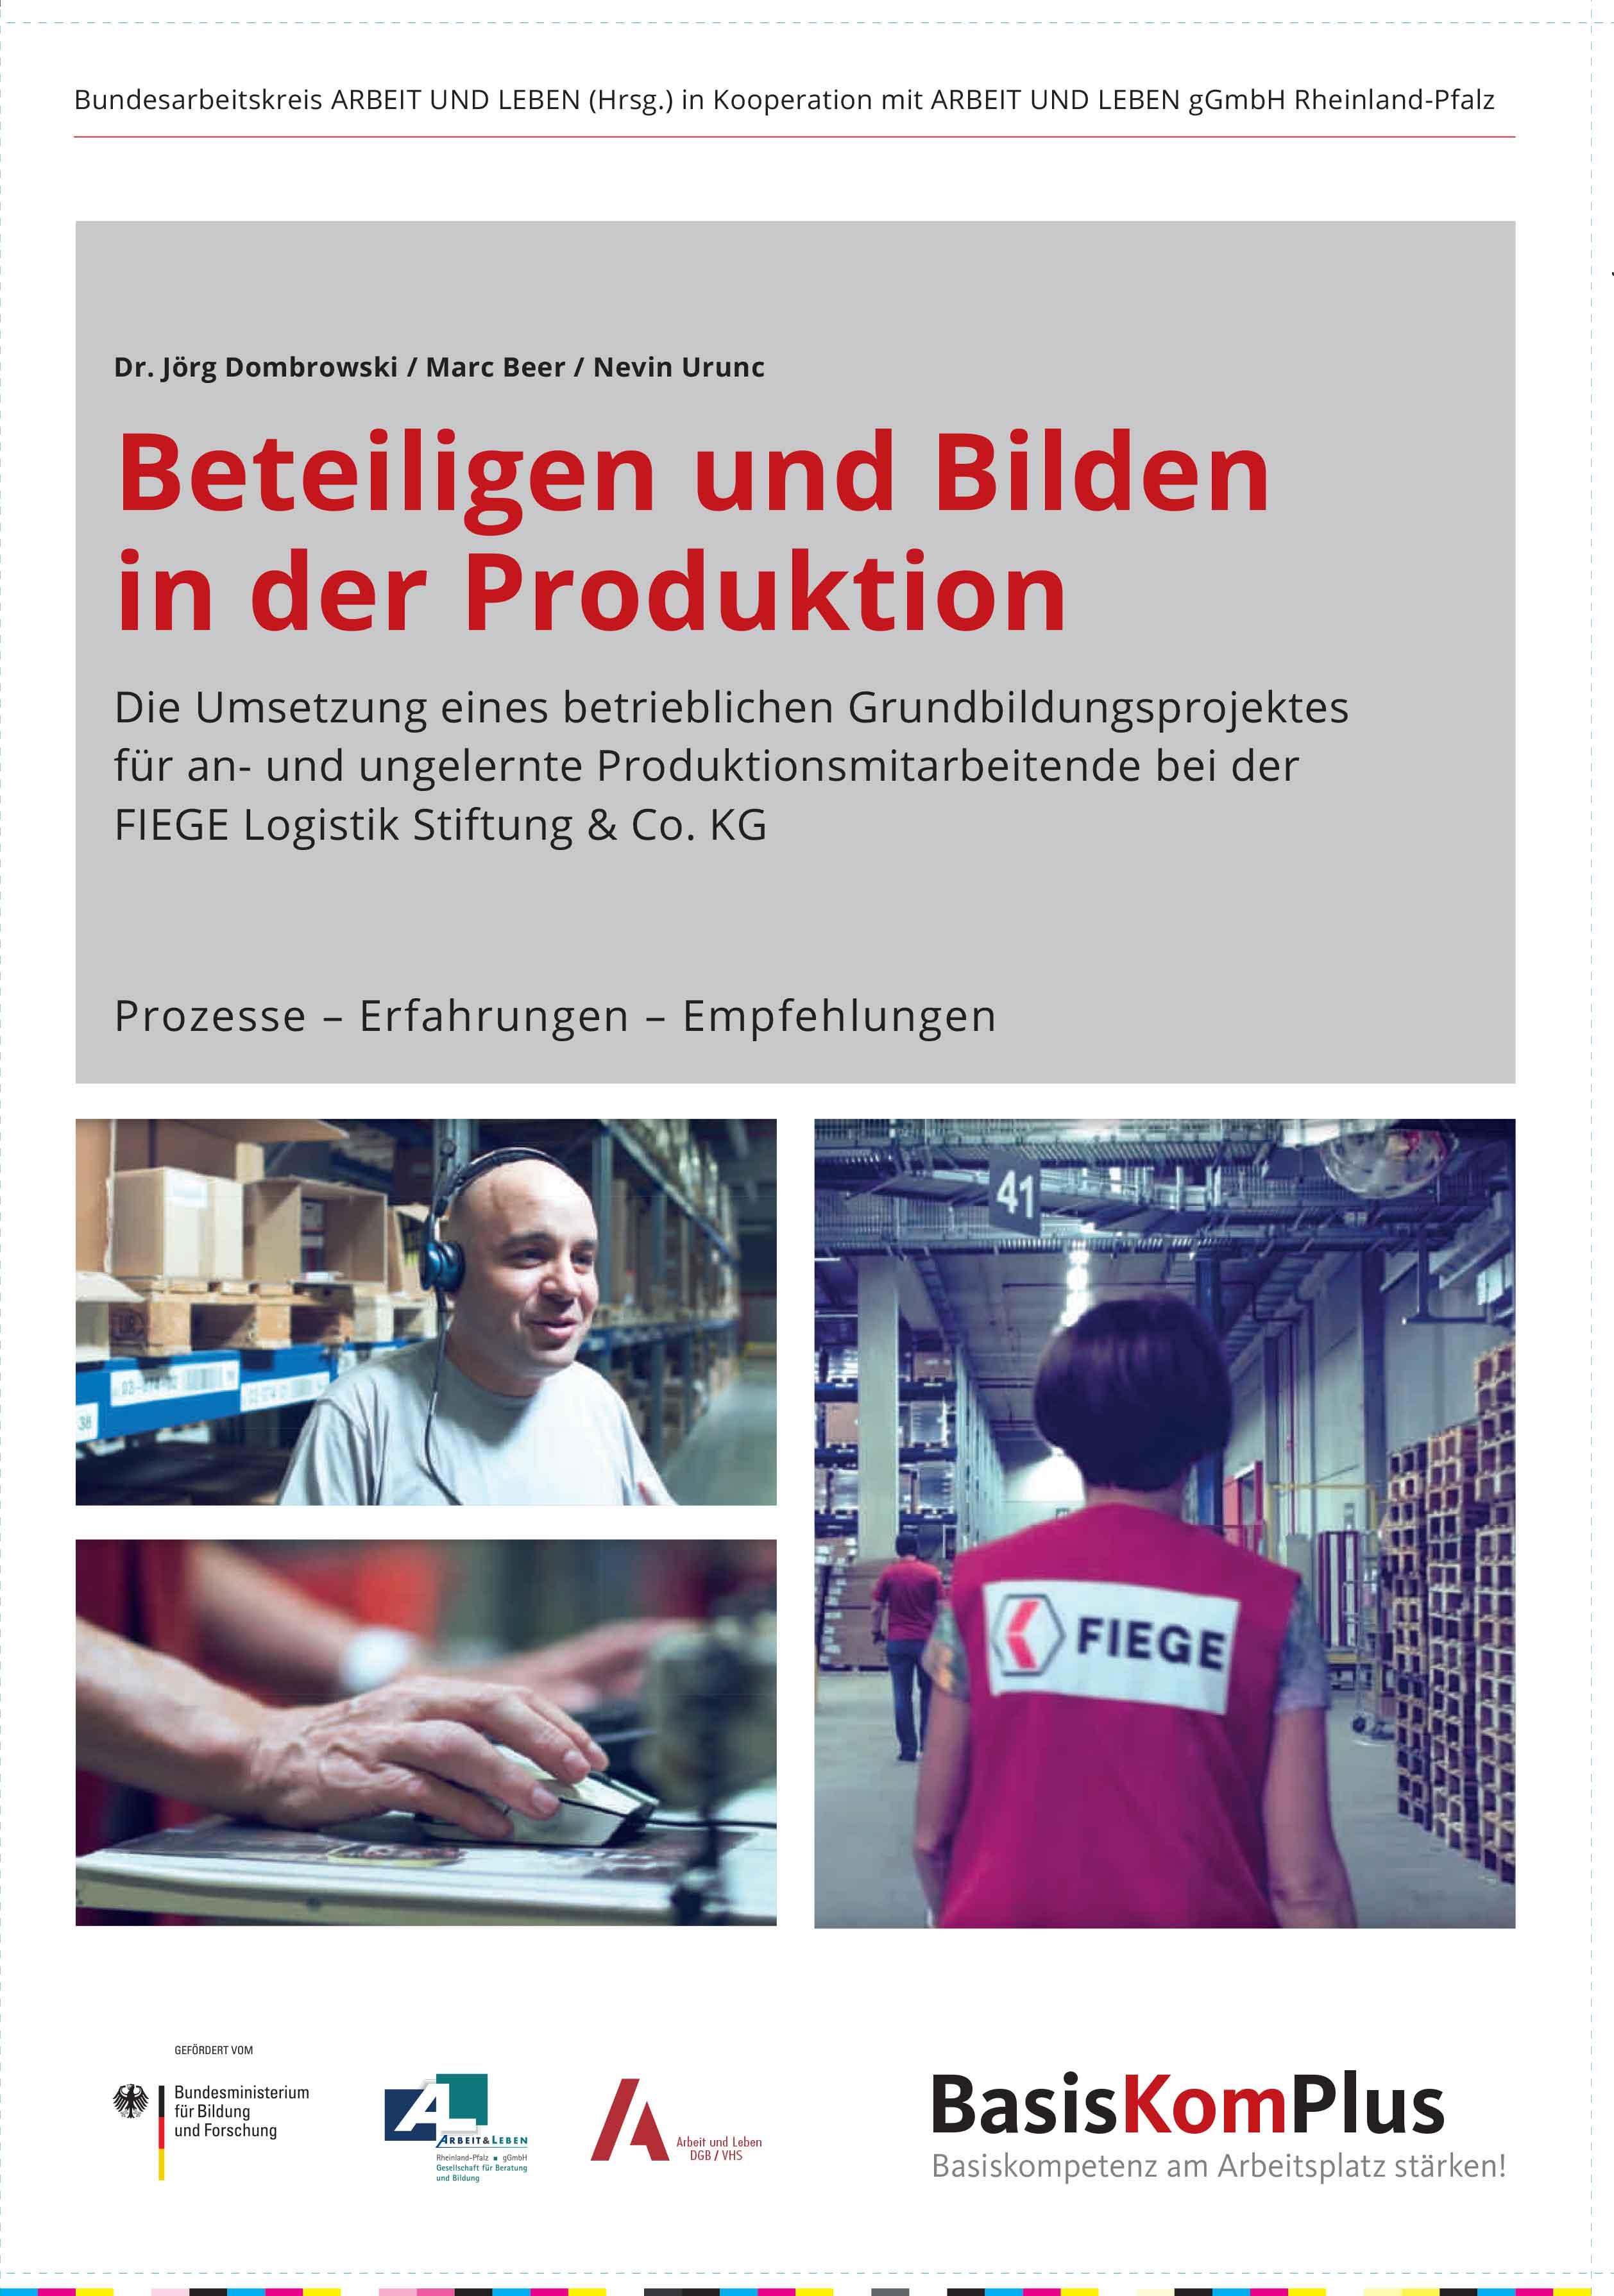 BasisKomPlus: Beteiligen und Bilden in der Produktion